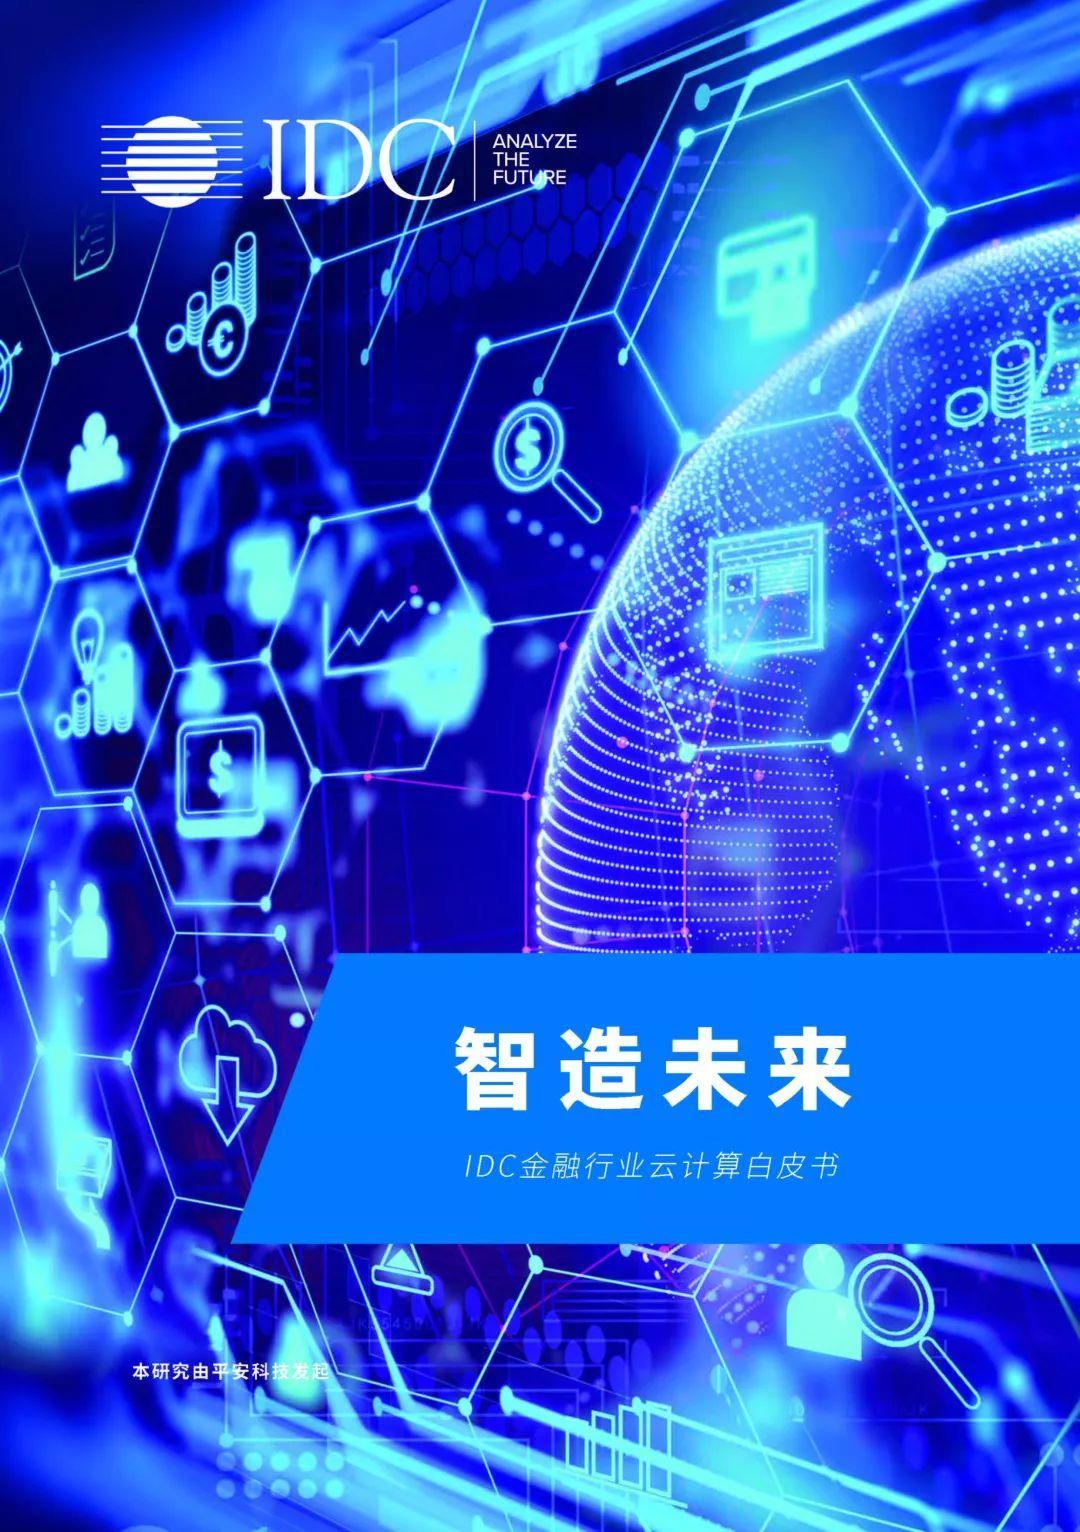 智造未来——IDC金融行业云计算白皮书